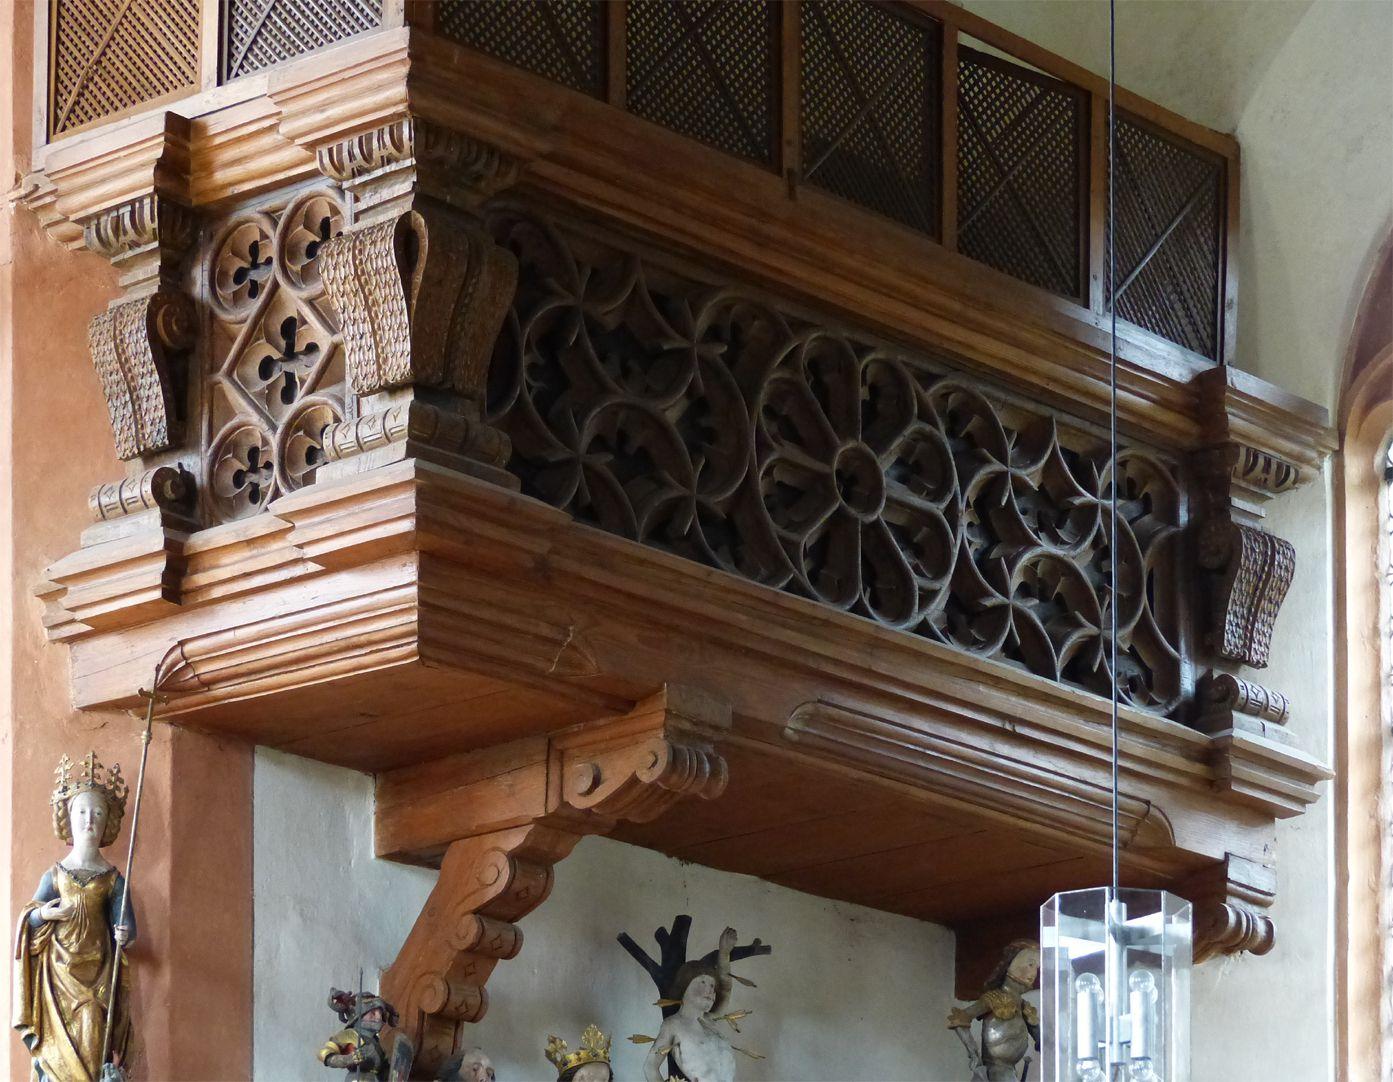 Holzemporen in der Kirche St. Marien und Christophorus, Kalbensteinberg Herrschaftsloge, westlicher Teil